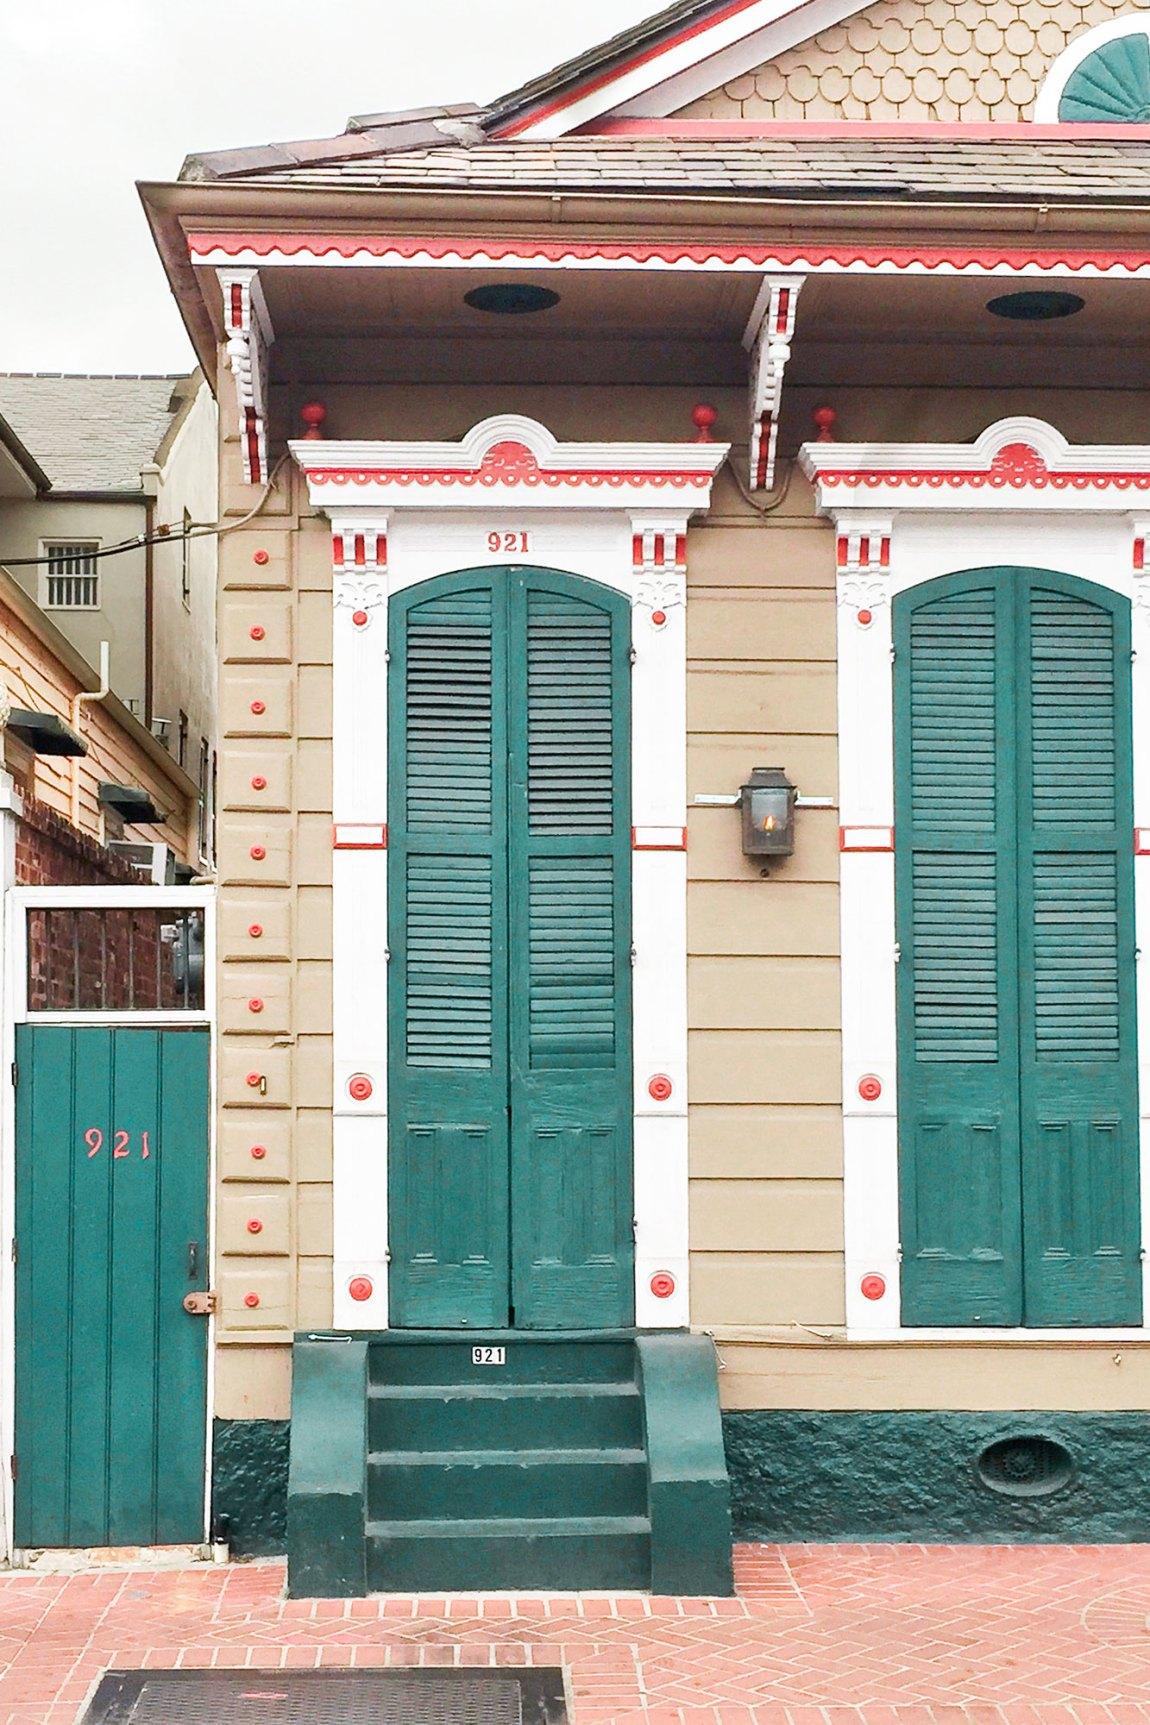 Colorful Doorway in New Orleans